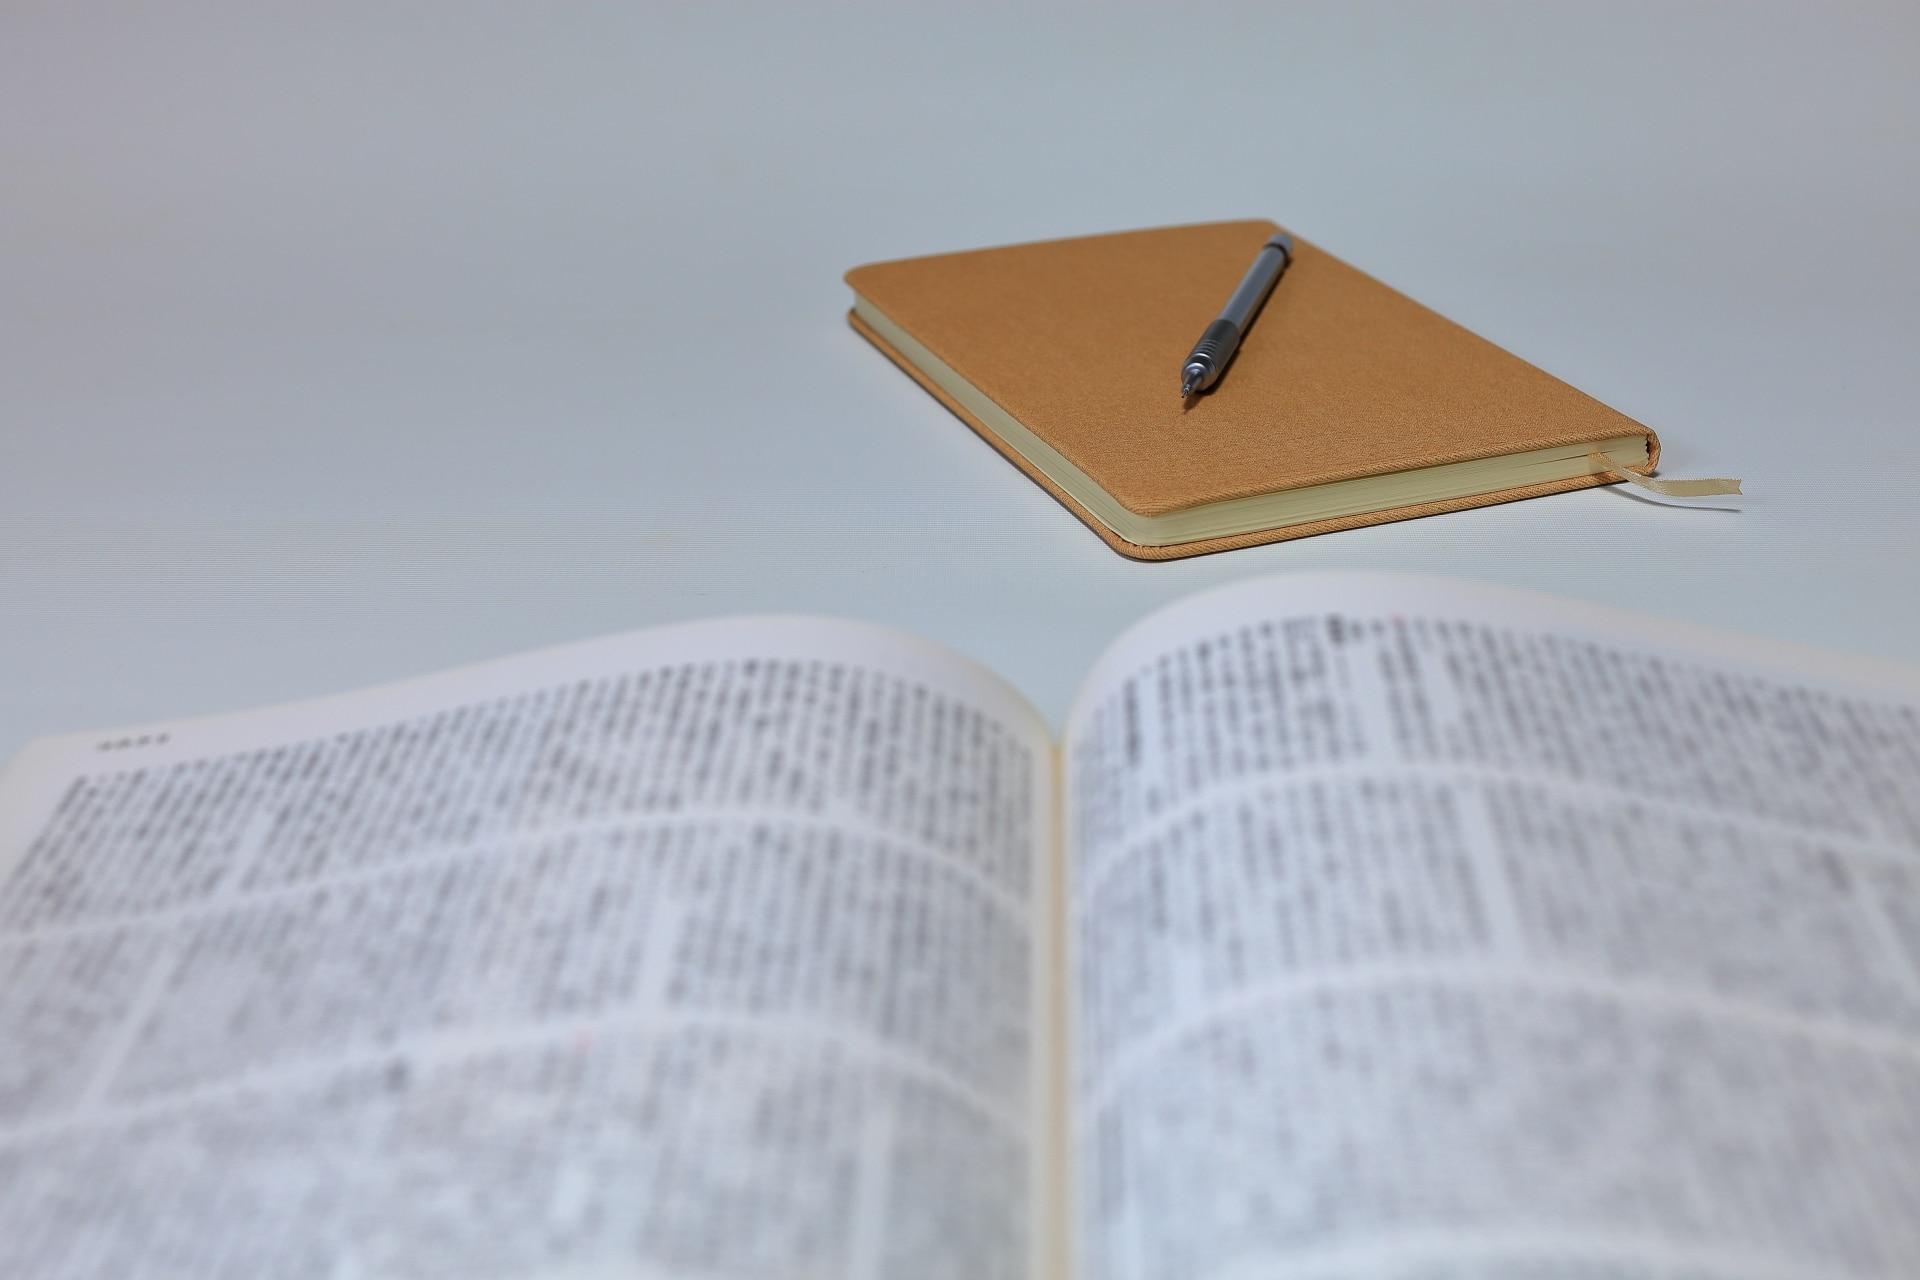 辞書とノート